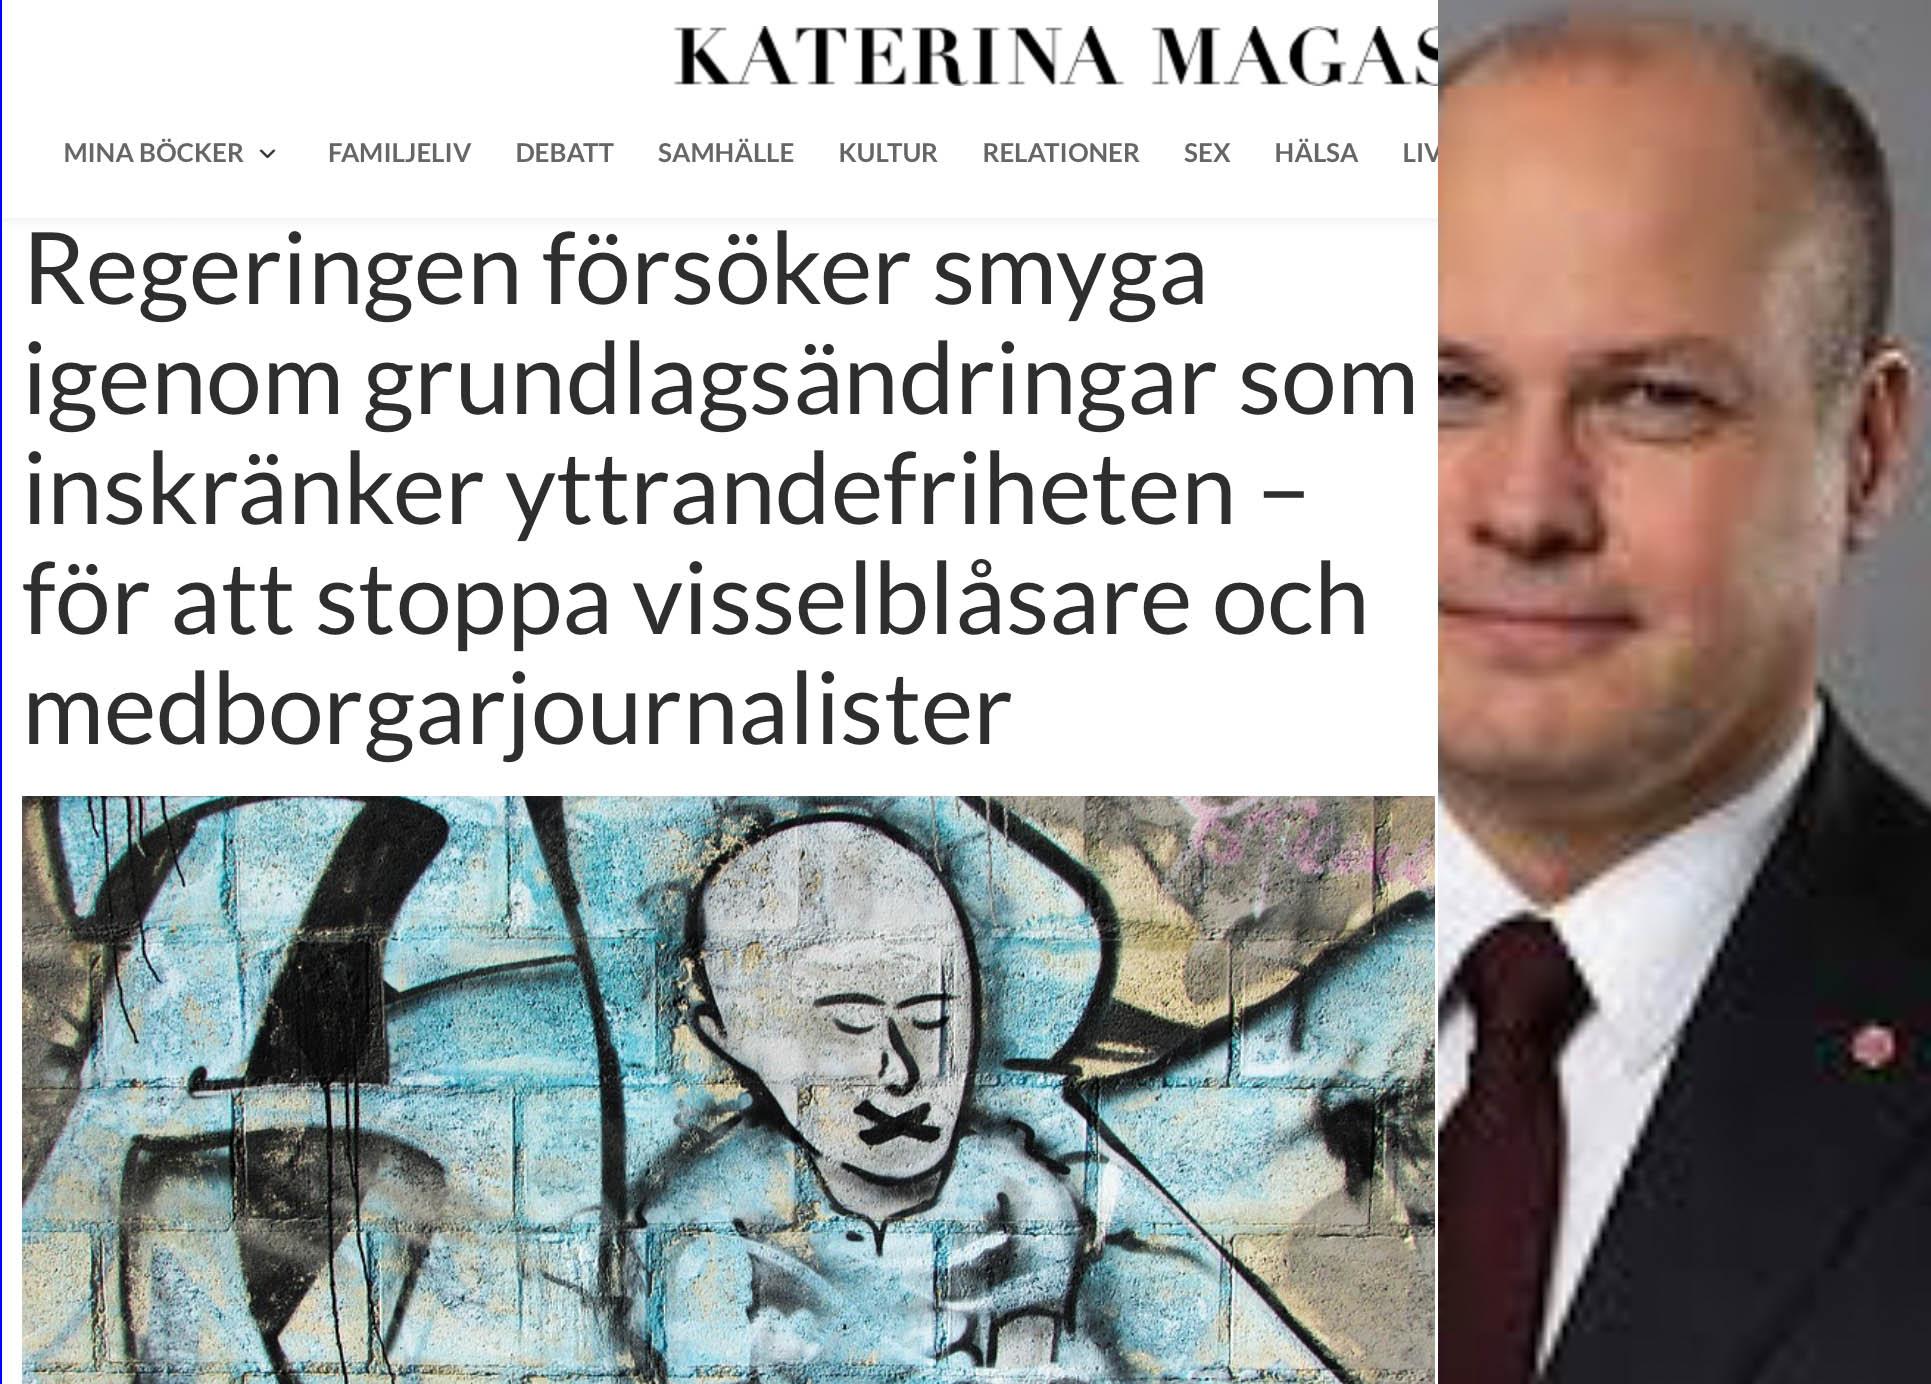 Morgans 'Lag om utlandsspionage' avser tysta vanliga svenskars regimkritik och 'hat', inte utländska agenter.